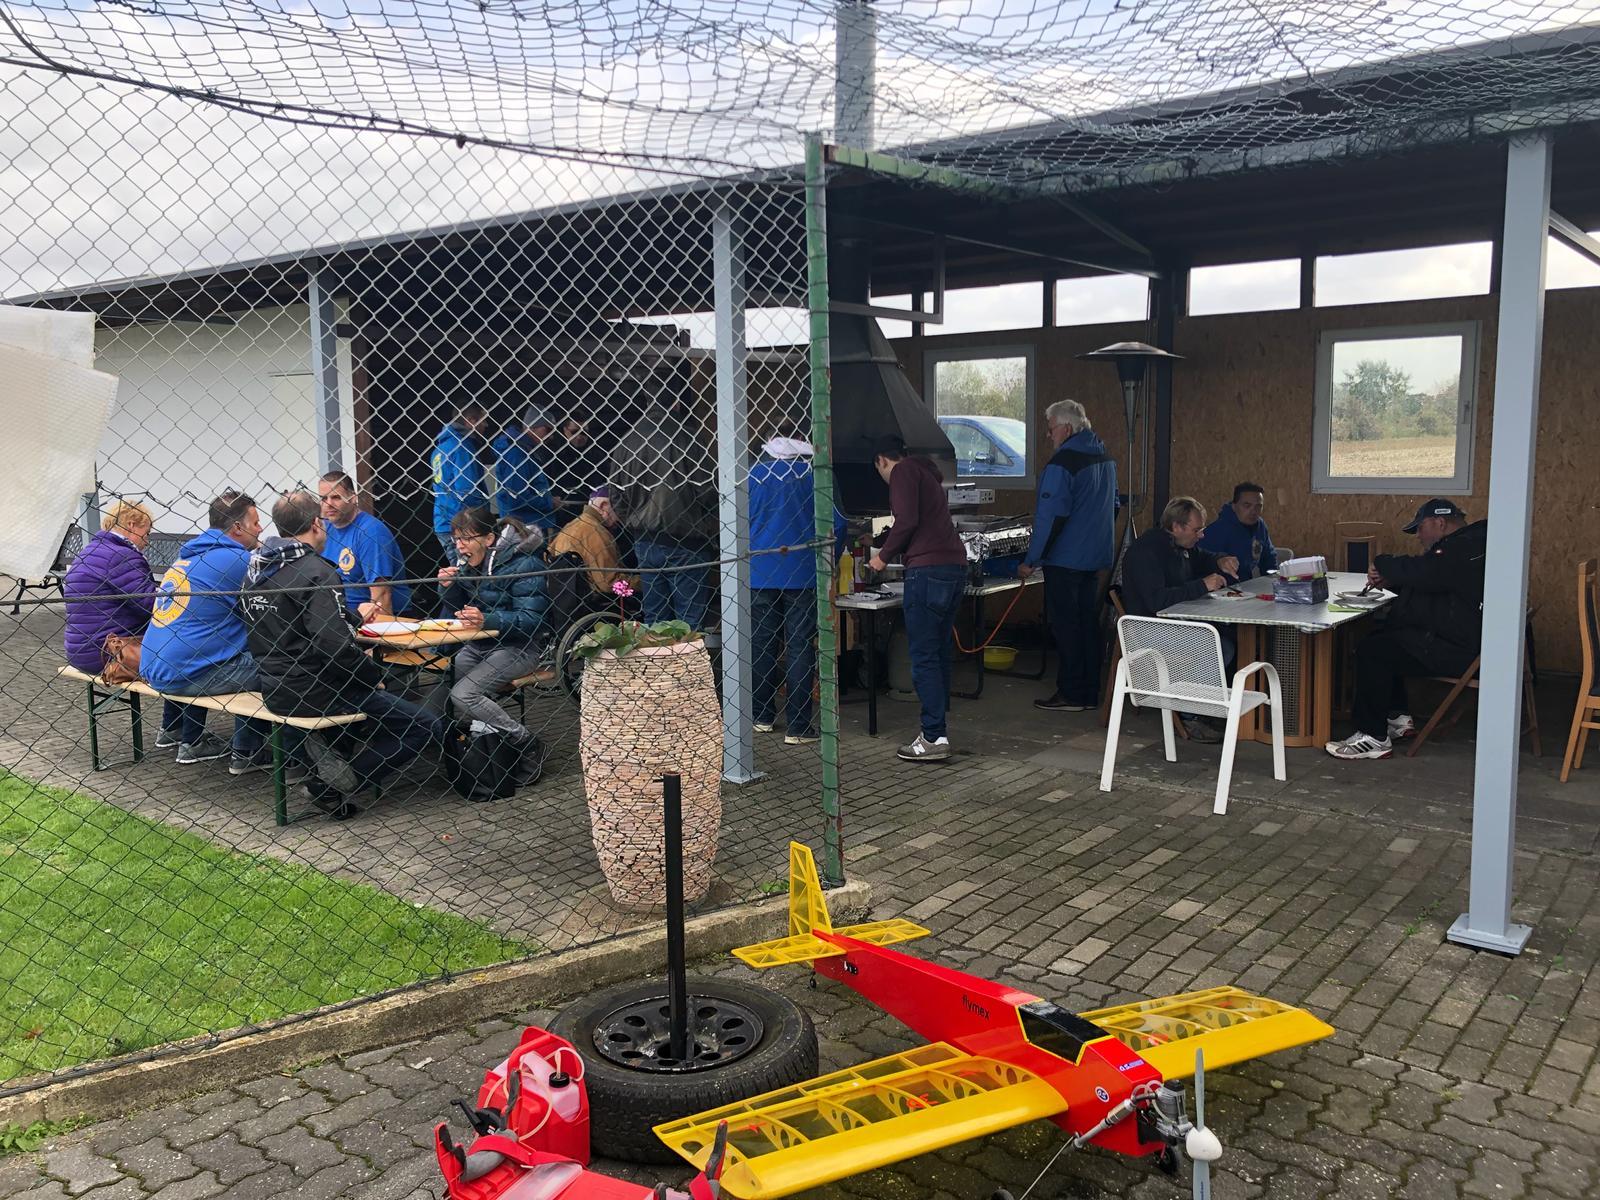 Absegeln 2019 @ Ikarus | Geilenkirchen | Nordrhein-Westfalen | Duitsland